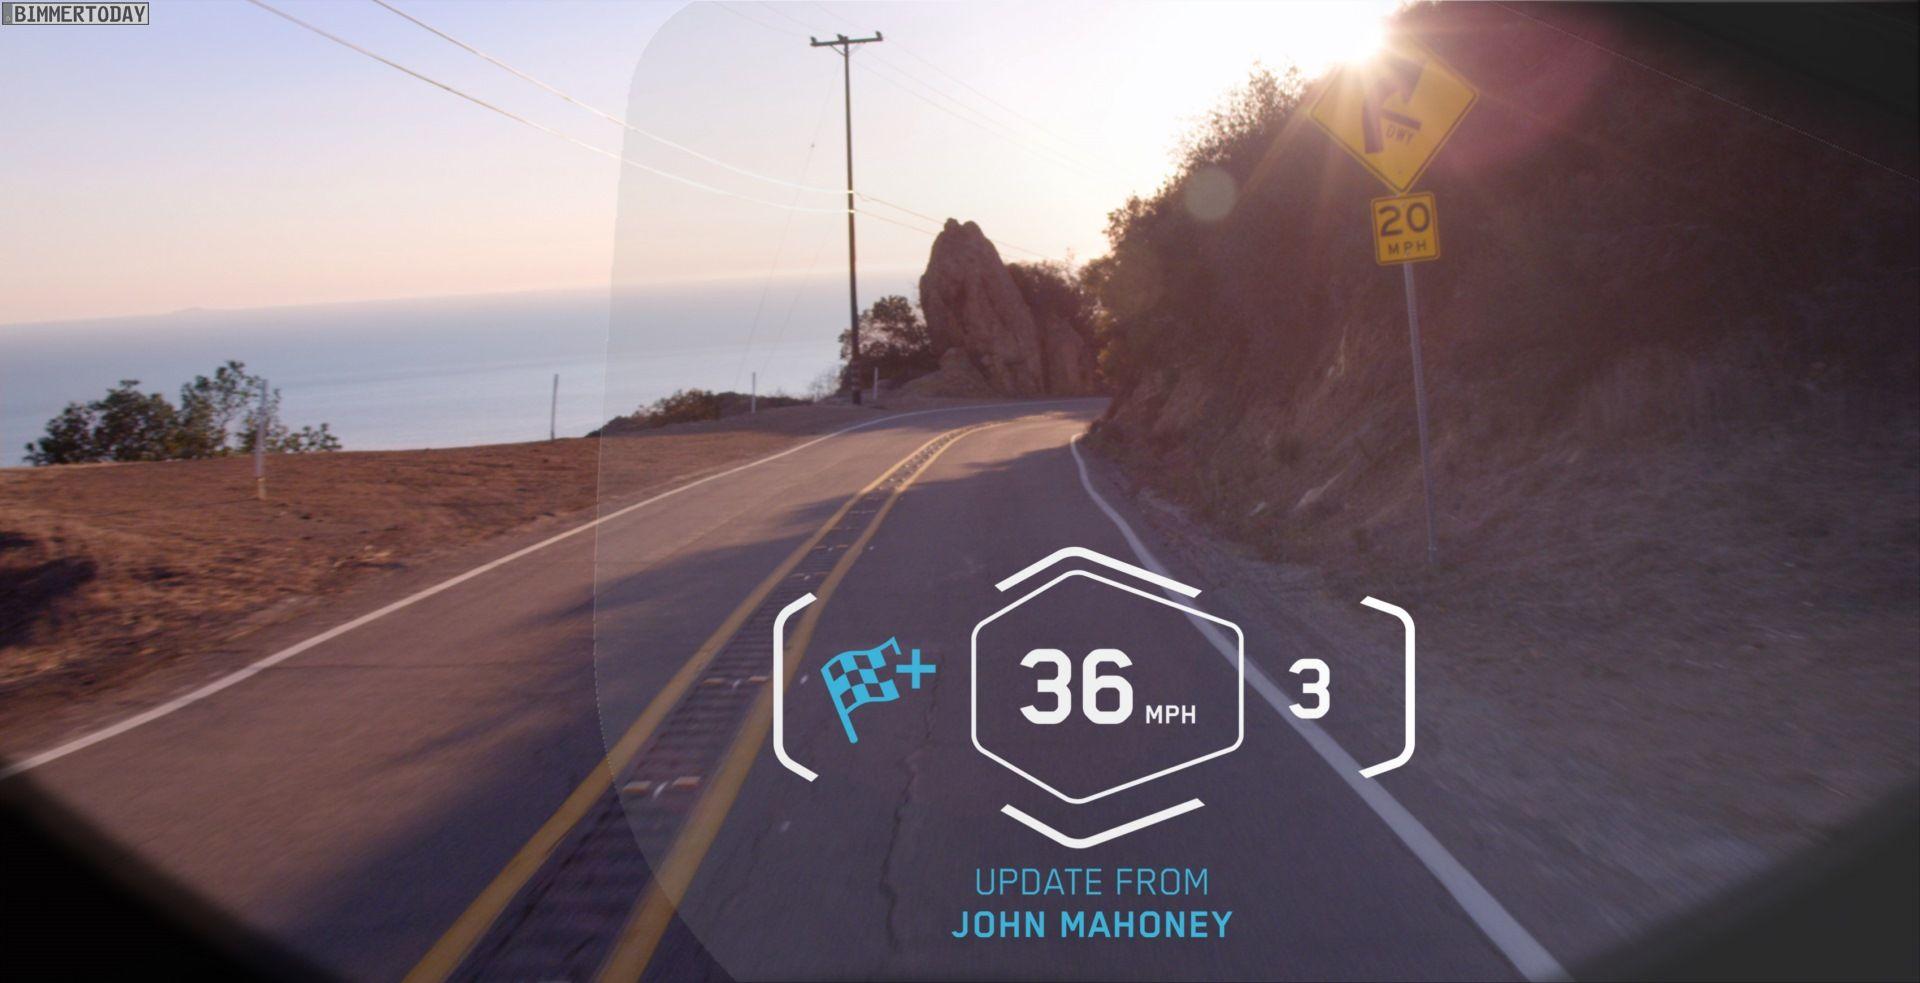 BMW Motorrad gewährt auf der CES 2016 einen Ausblick auf Zweirad-Technik der Zukunft. Laser-Scheinwerfer sind dabei ebenso möglich wie ein Helm mit HUD.